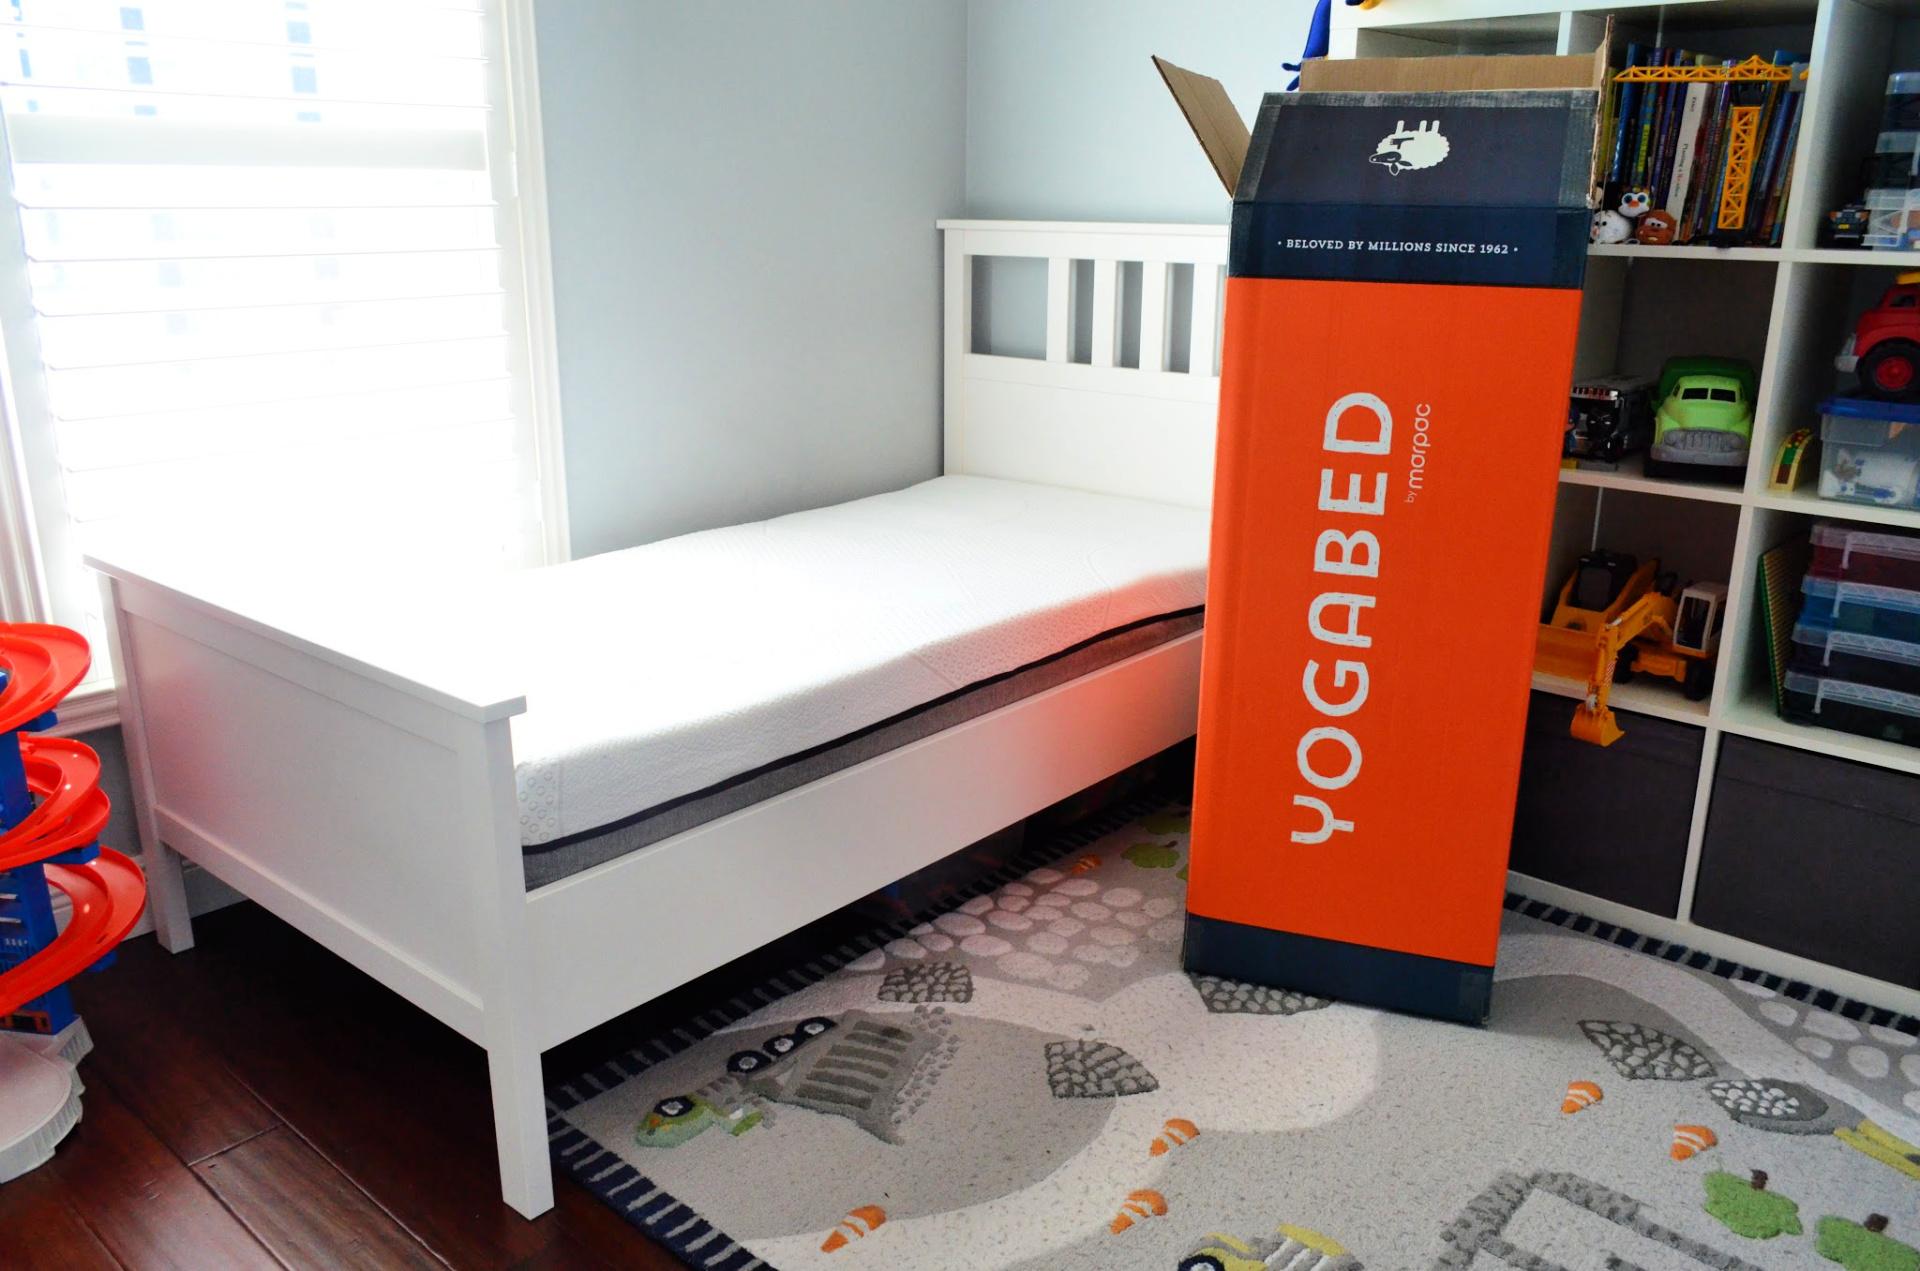 Yogabed Mattress Installed